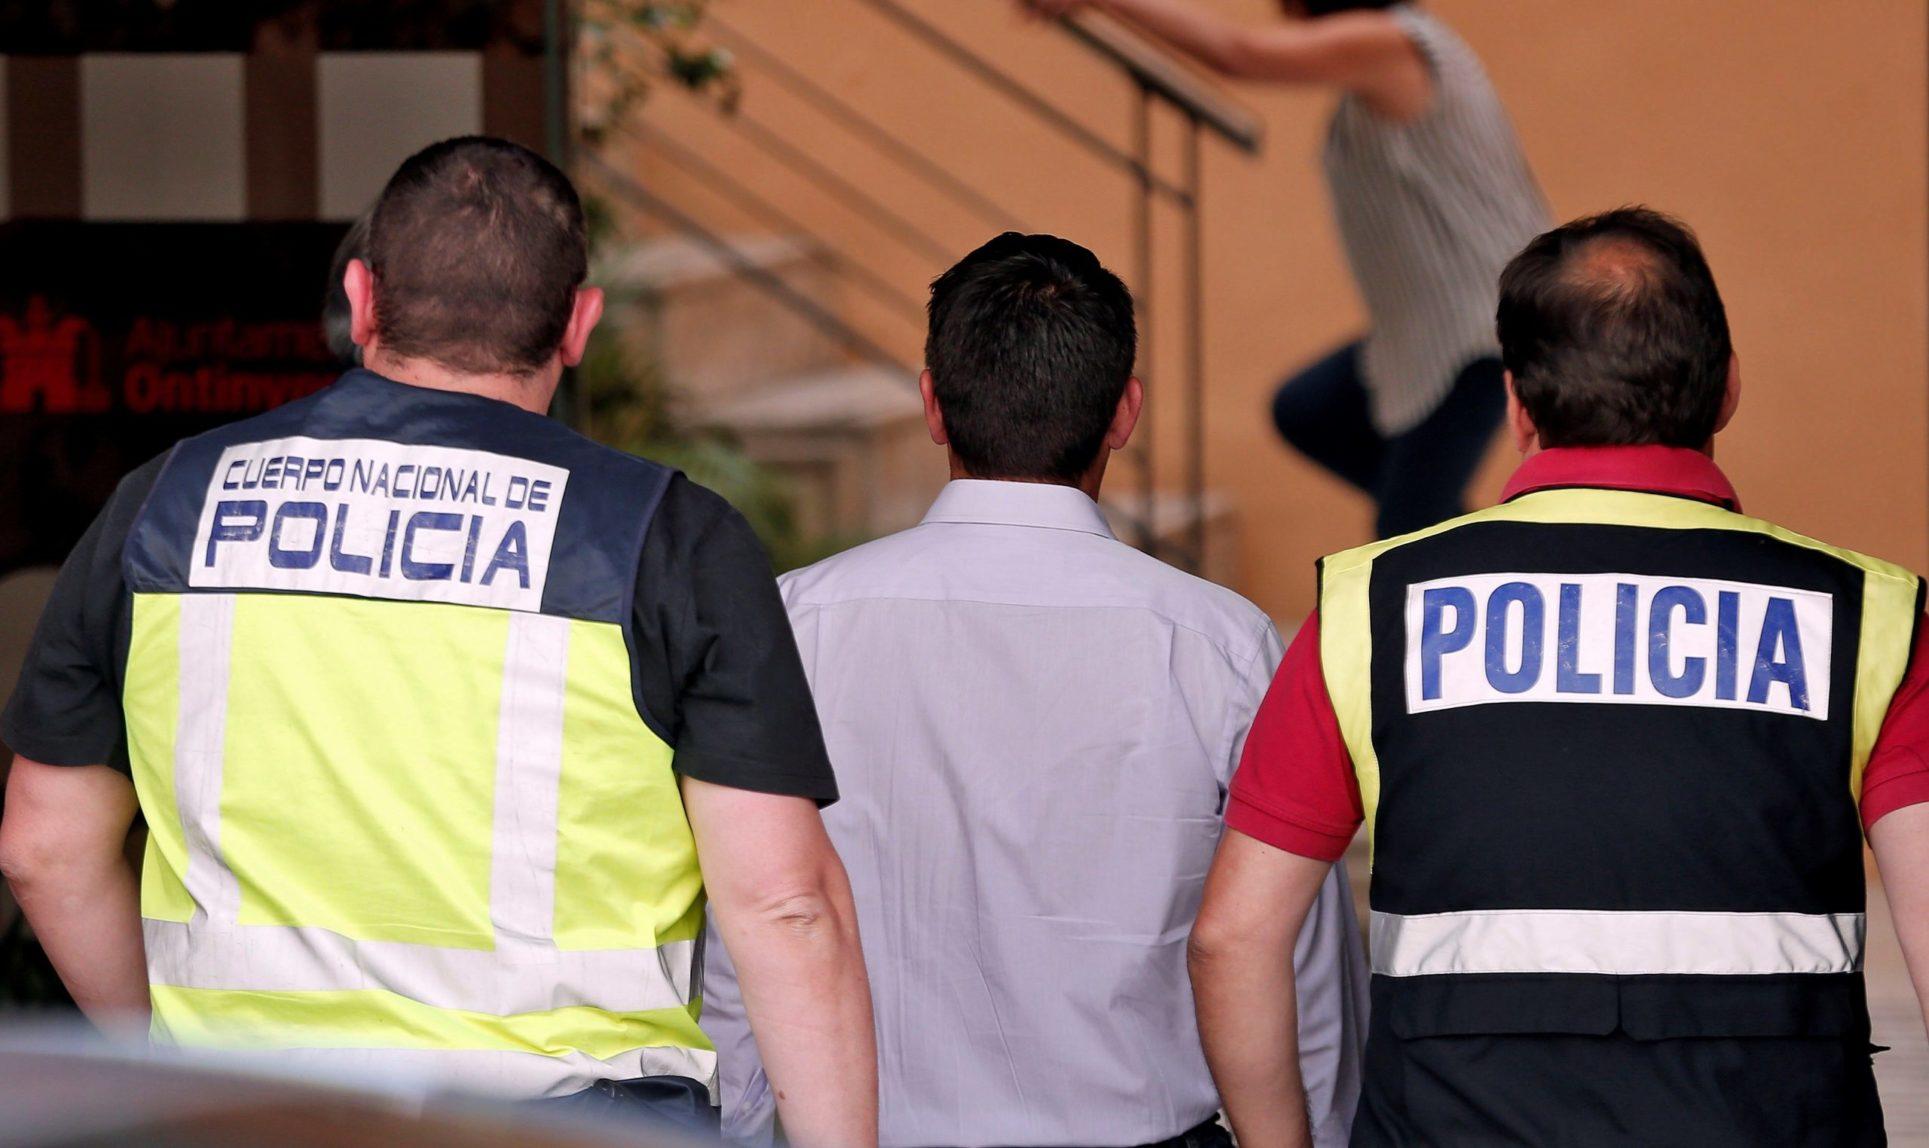 Jorge Rodríguez podría pasar a disposición judicial el viernes El Periòdic d'Ontinyent